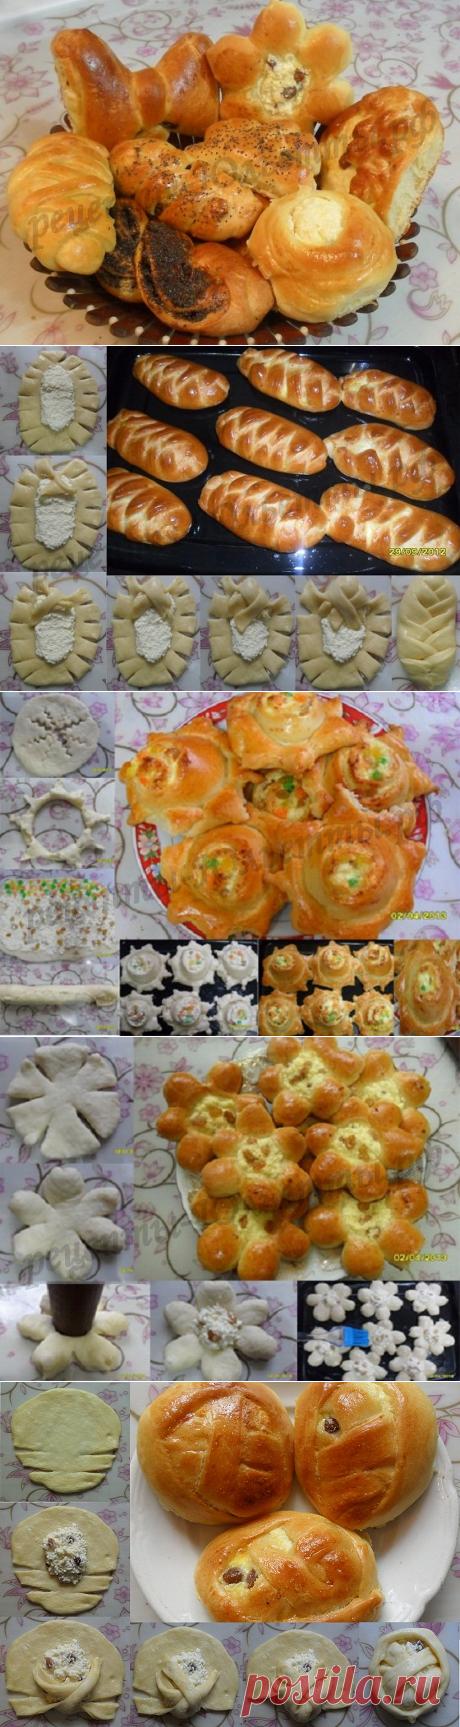 Как красиво сделать булочки из сдобного теста: фото 12 видов булочек!